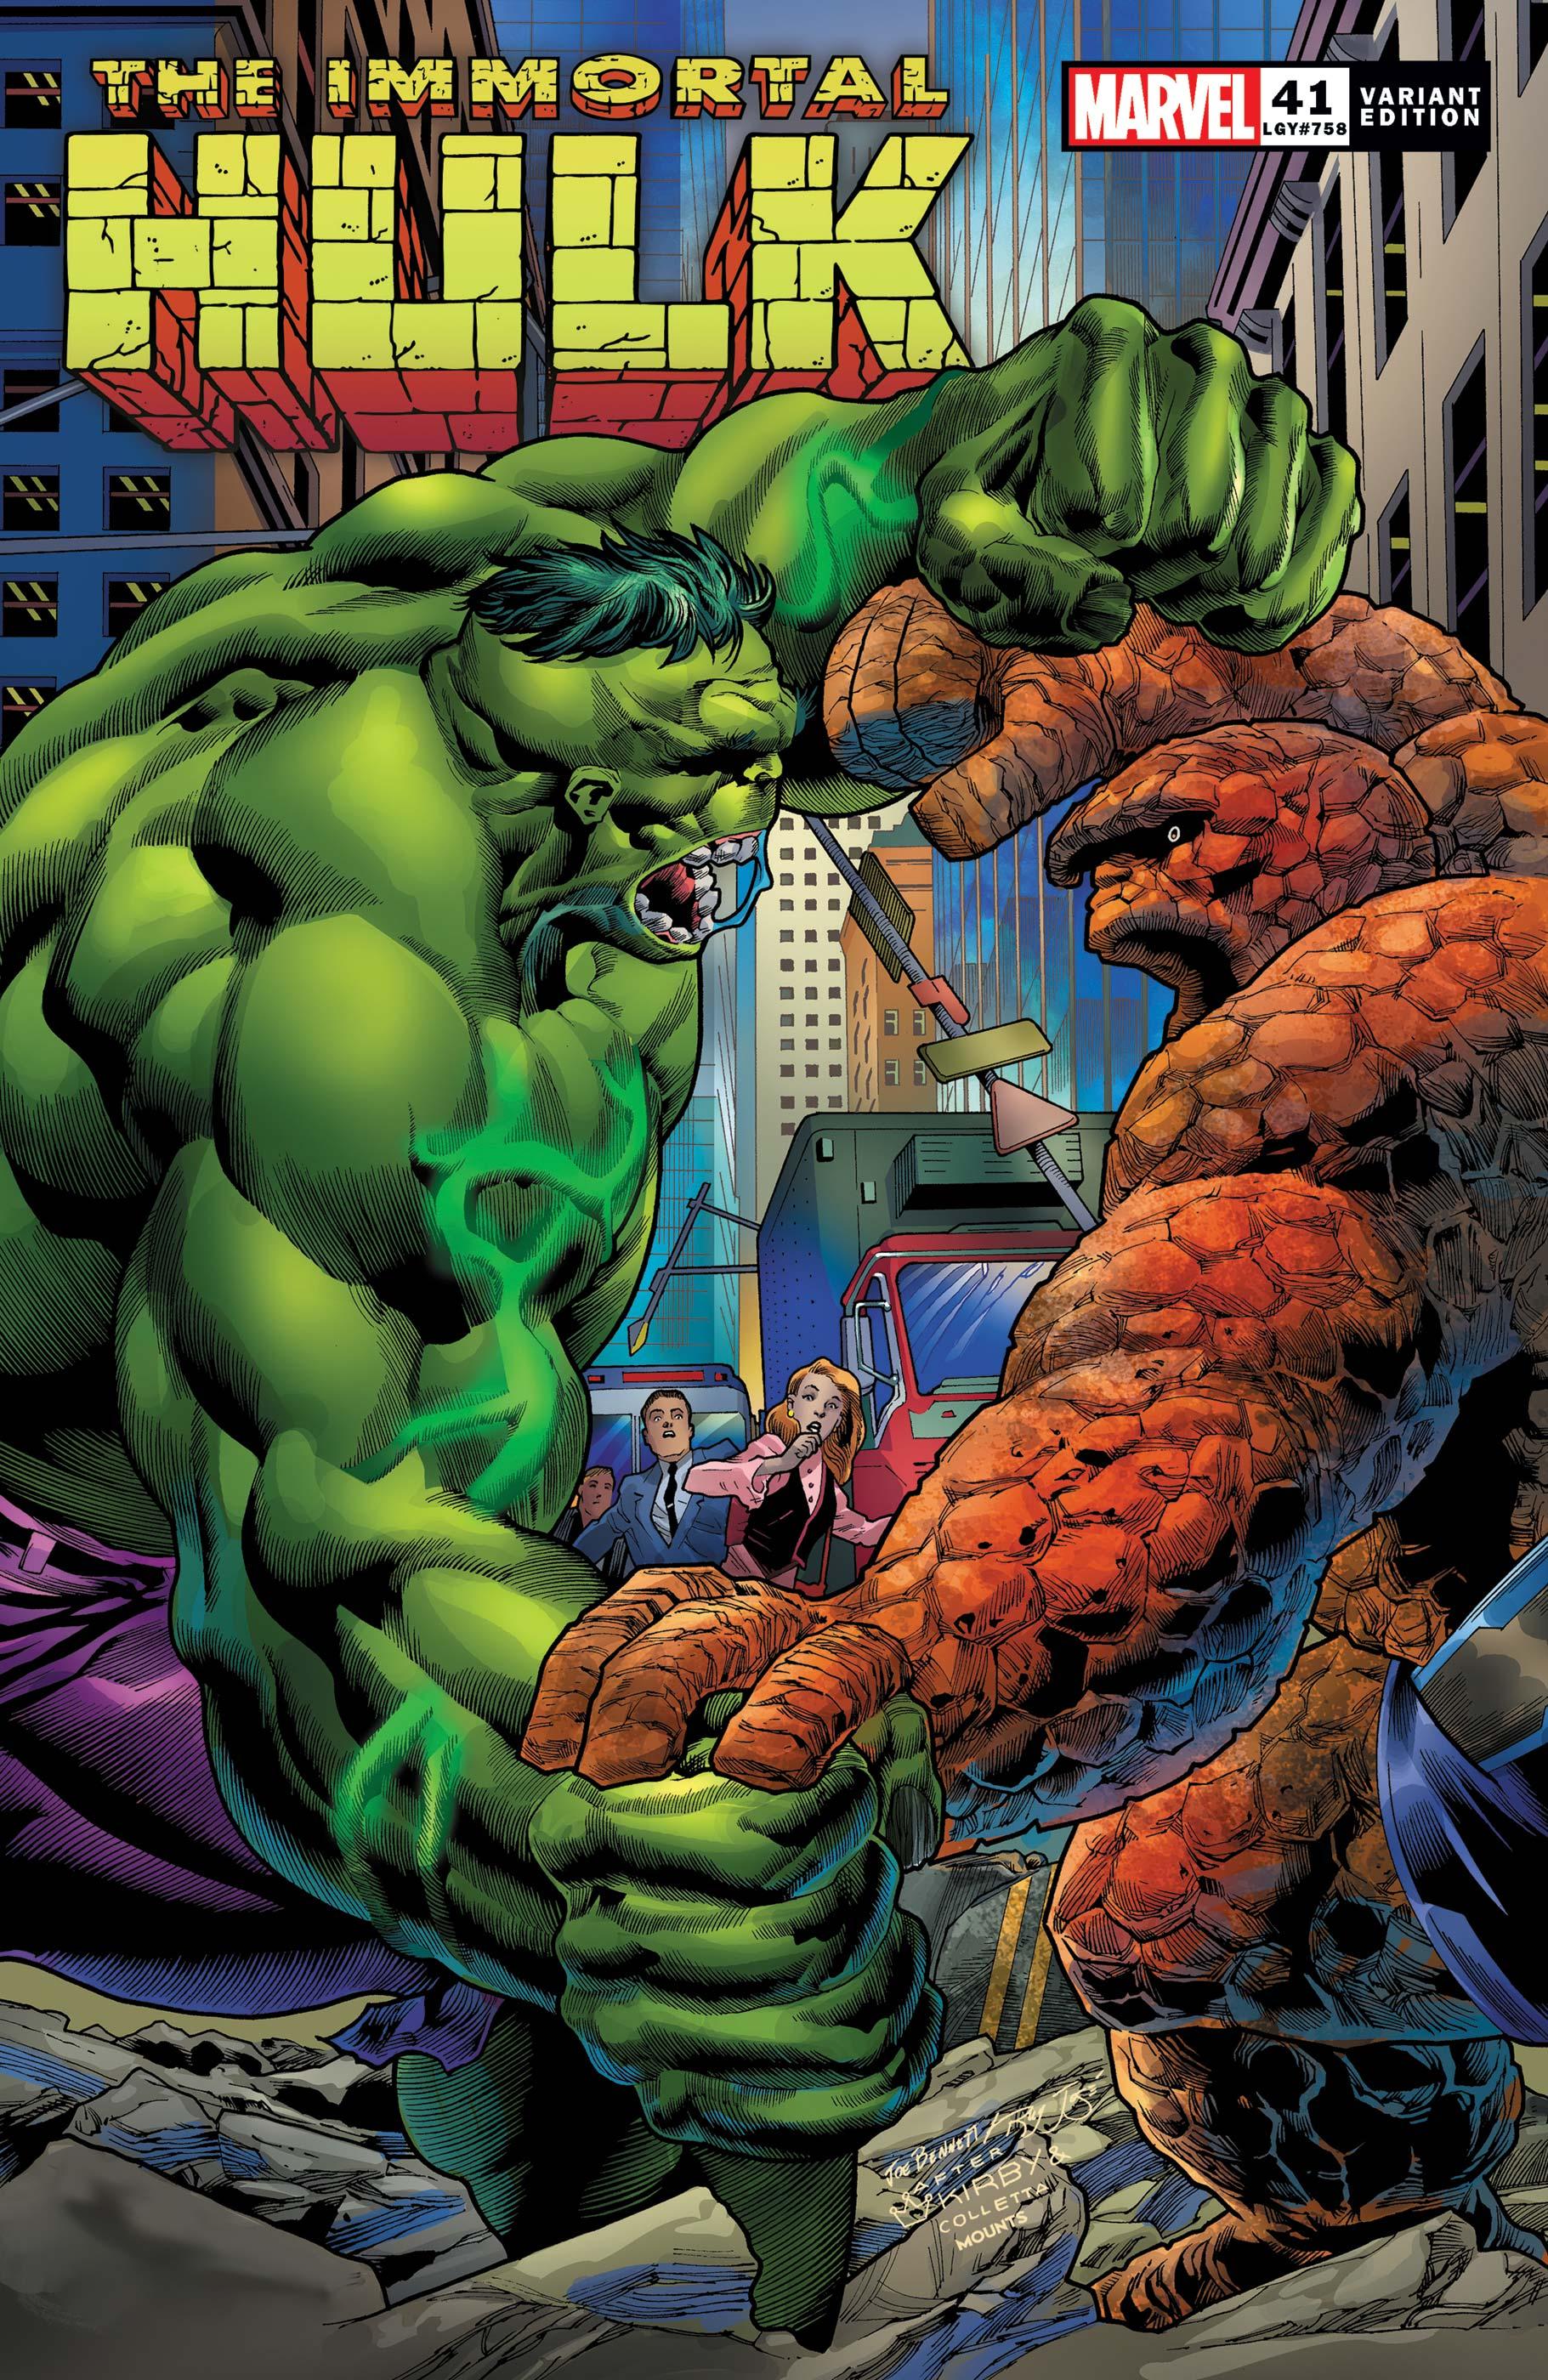 Immortal Hulk (2018) #41 (Variant)